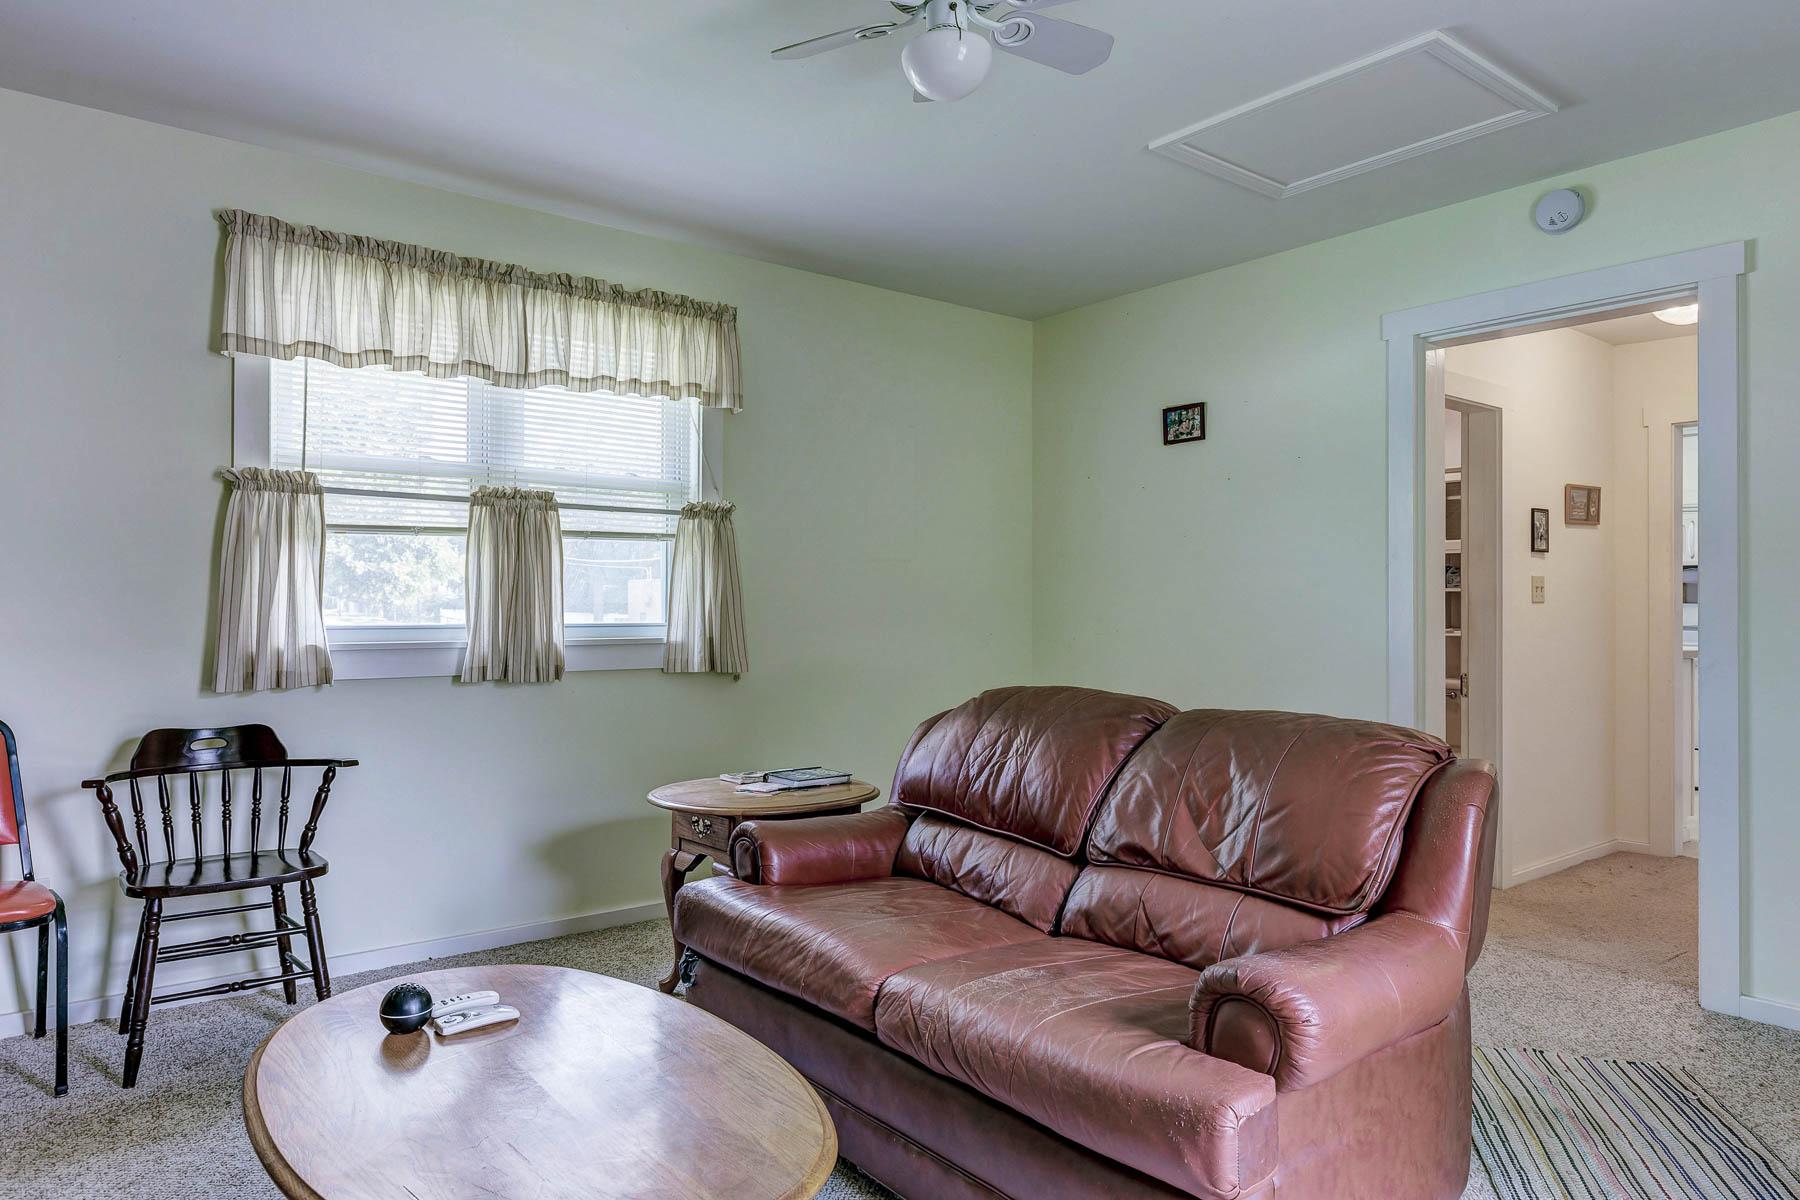 Maison multifamiliale pour l Vente à Hood Ave 2353 Hood Ave Overland, Missouri, 63114 États-Unis